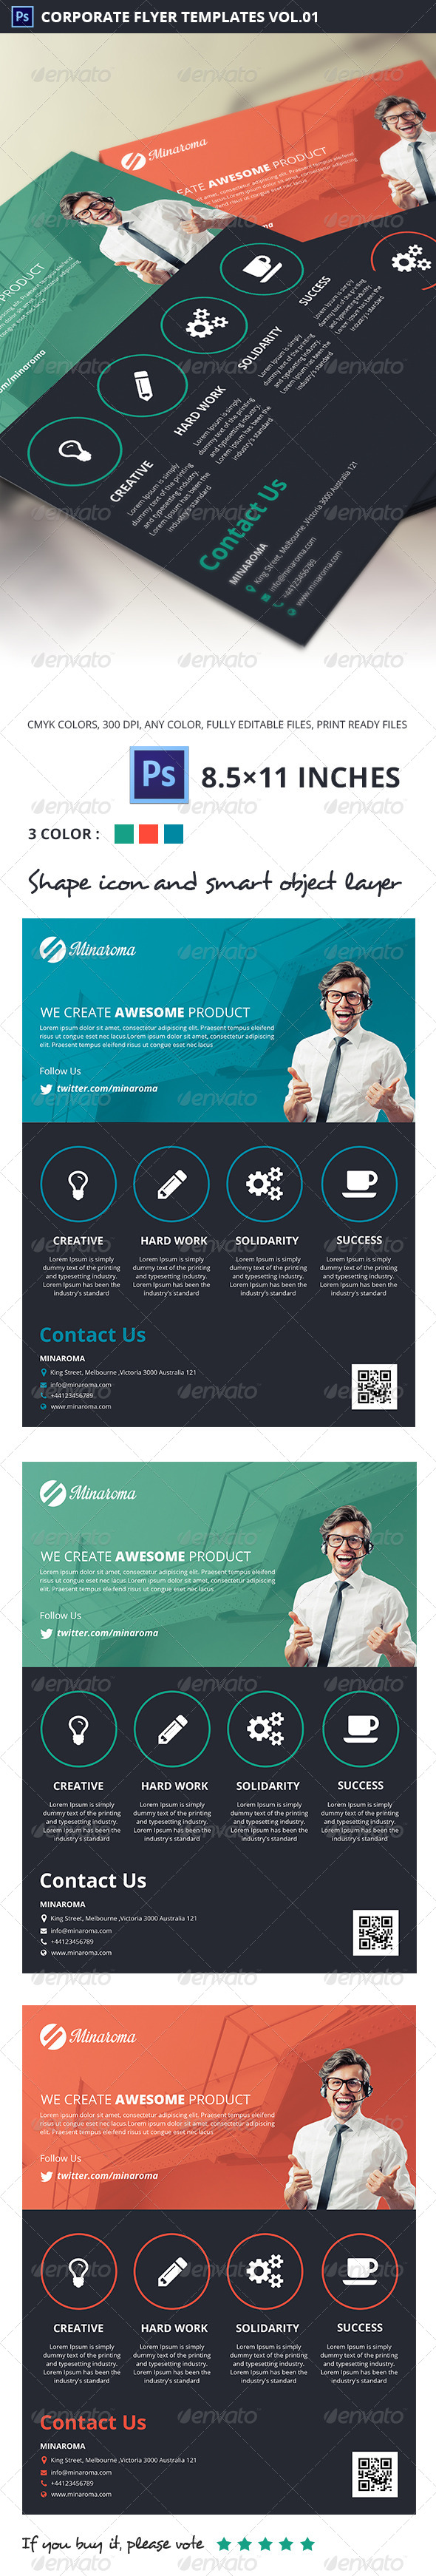 GraphicRiver Minaroma Corporate Flyer Templates Vol.01 5513233